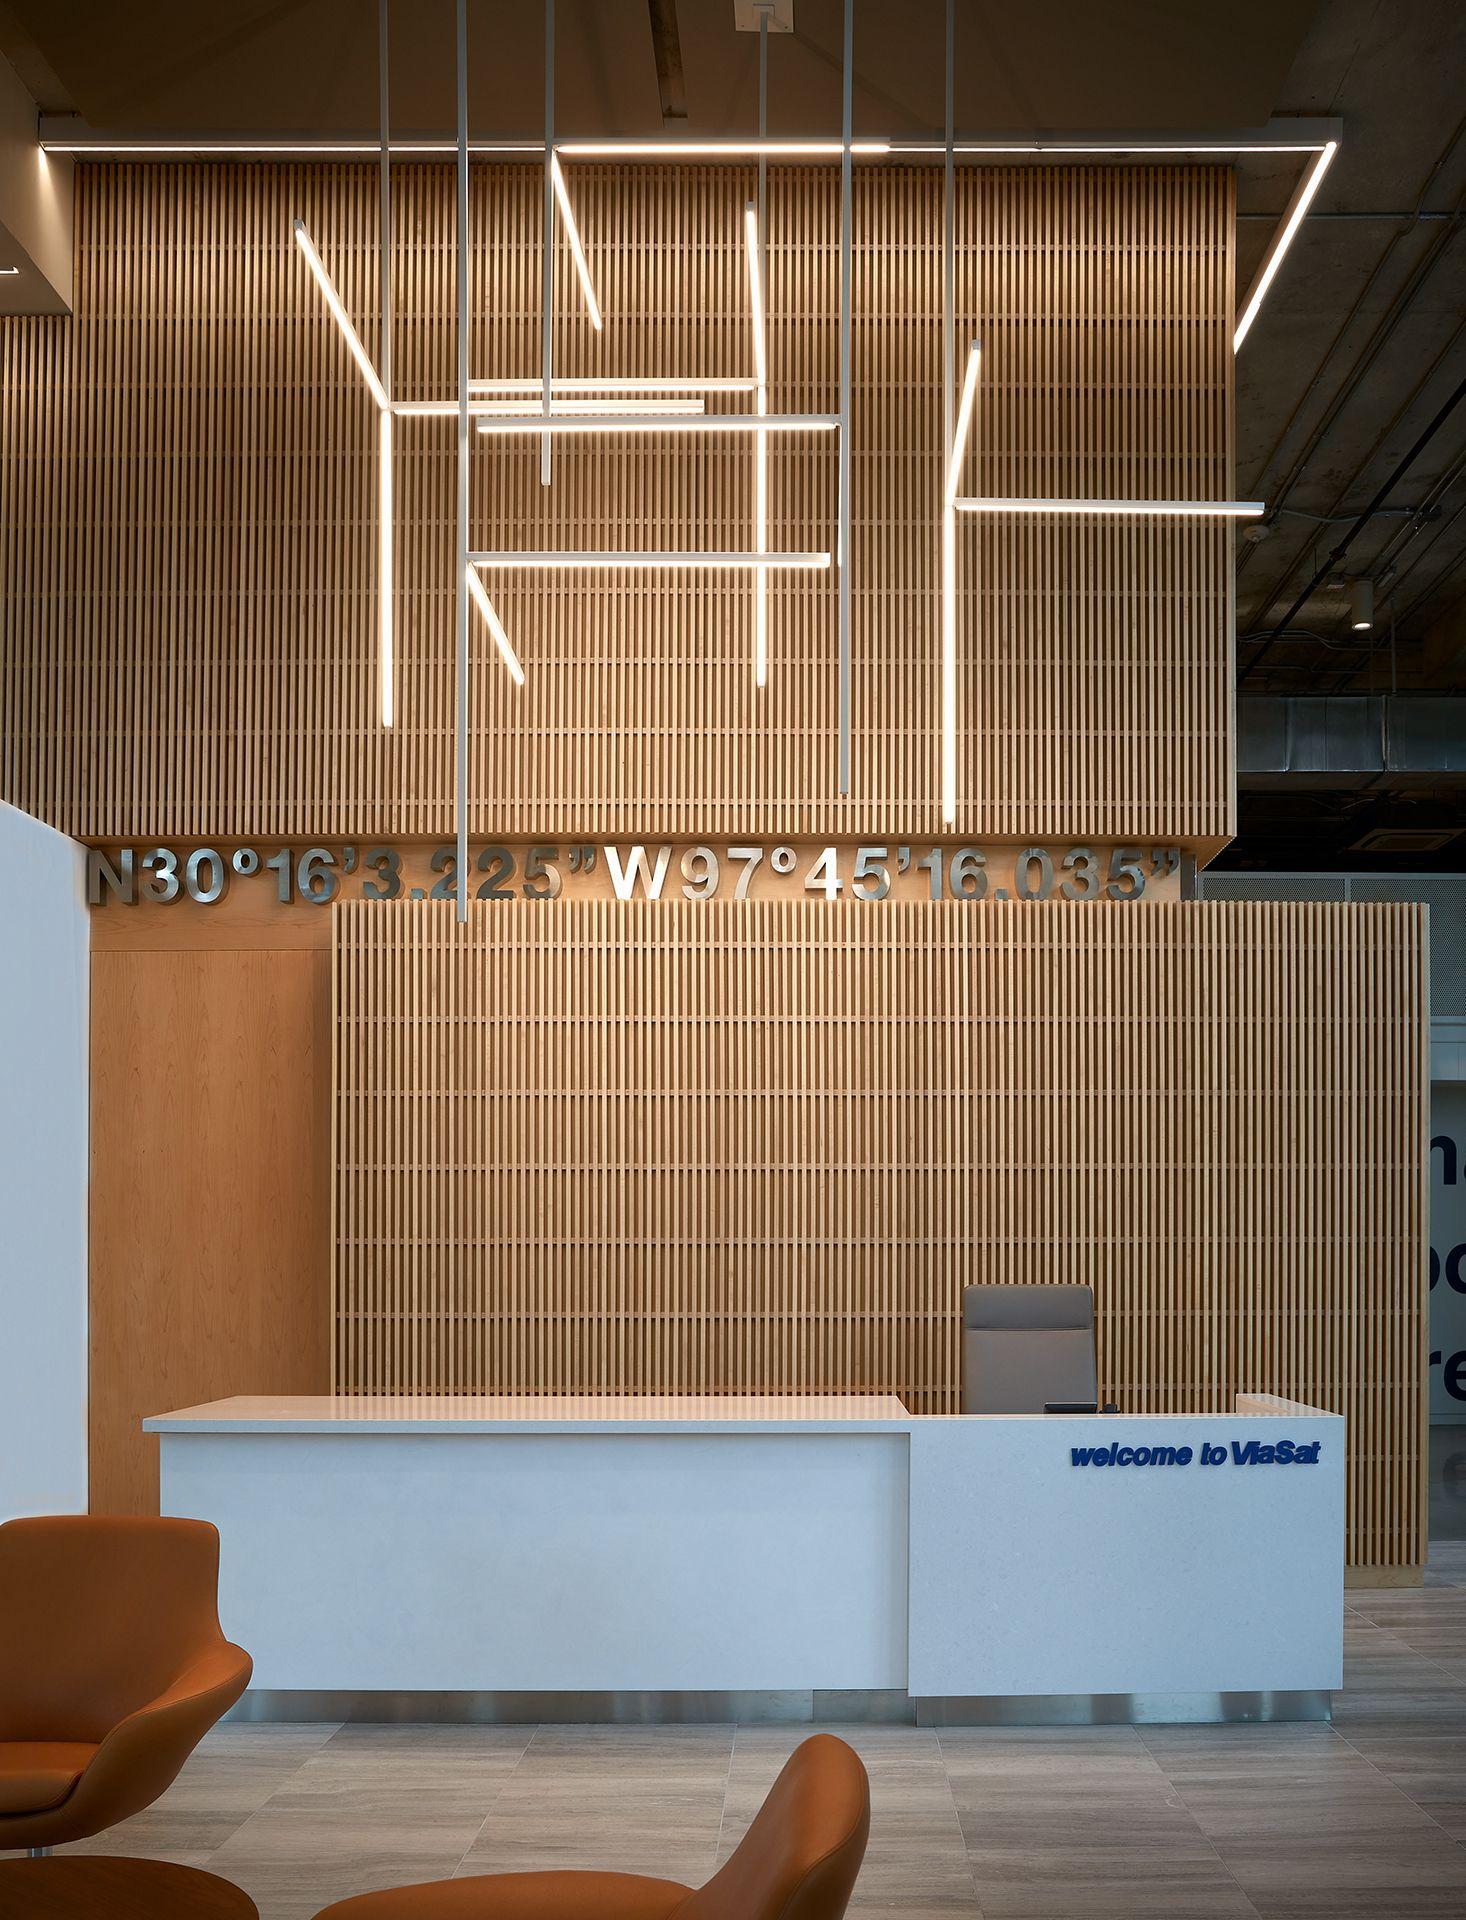 ViaSat Austin Office Light Fixture viasataustinoffice